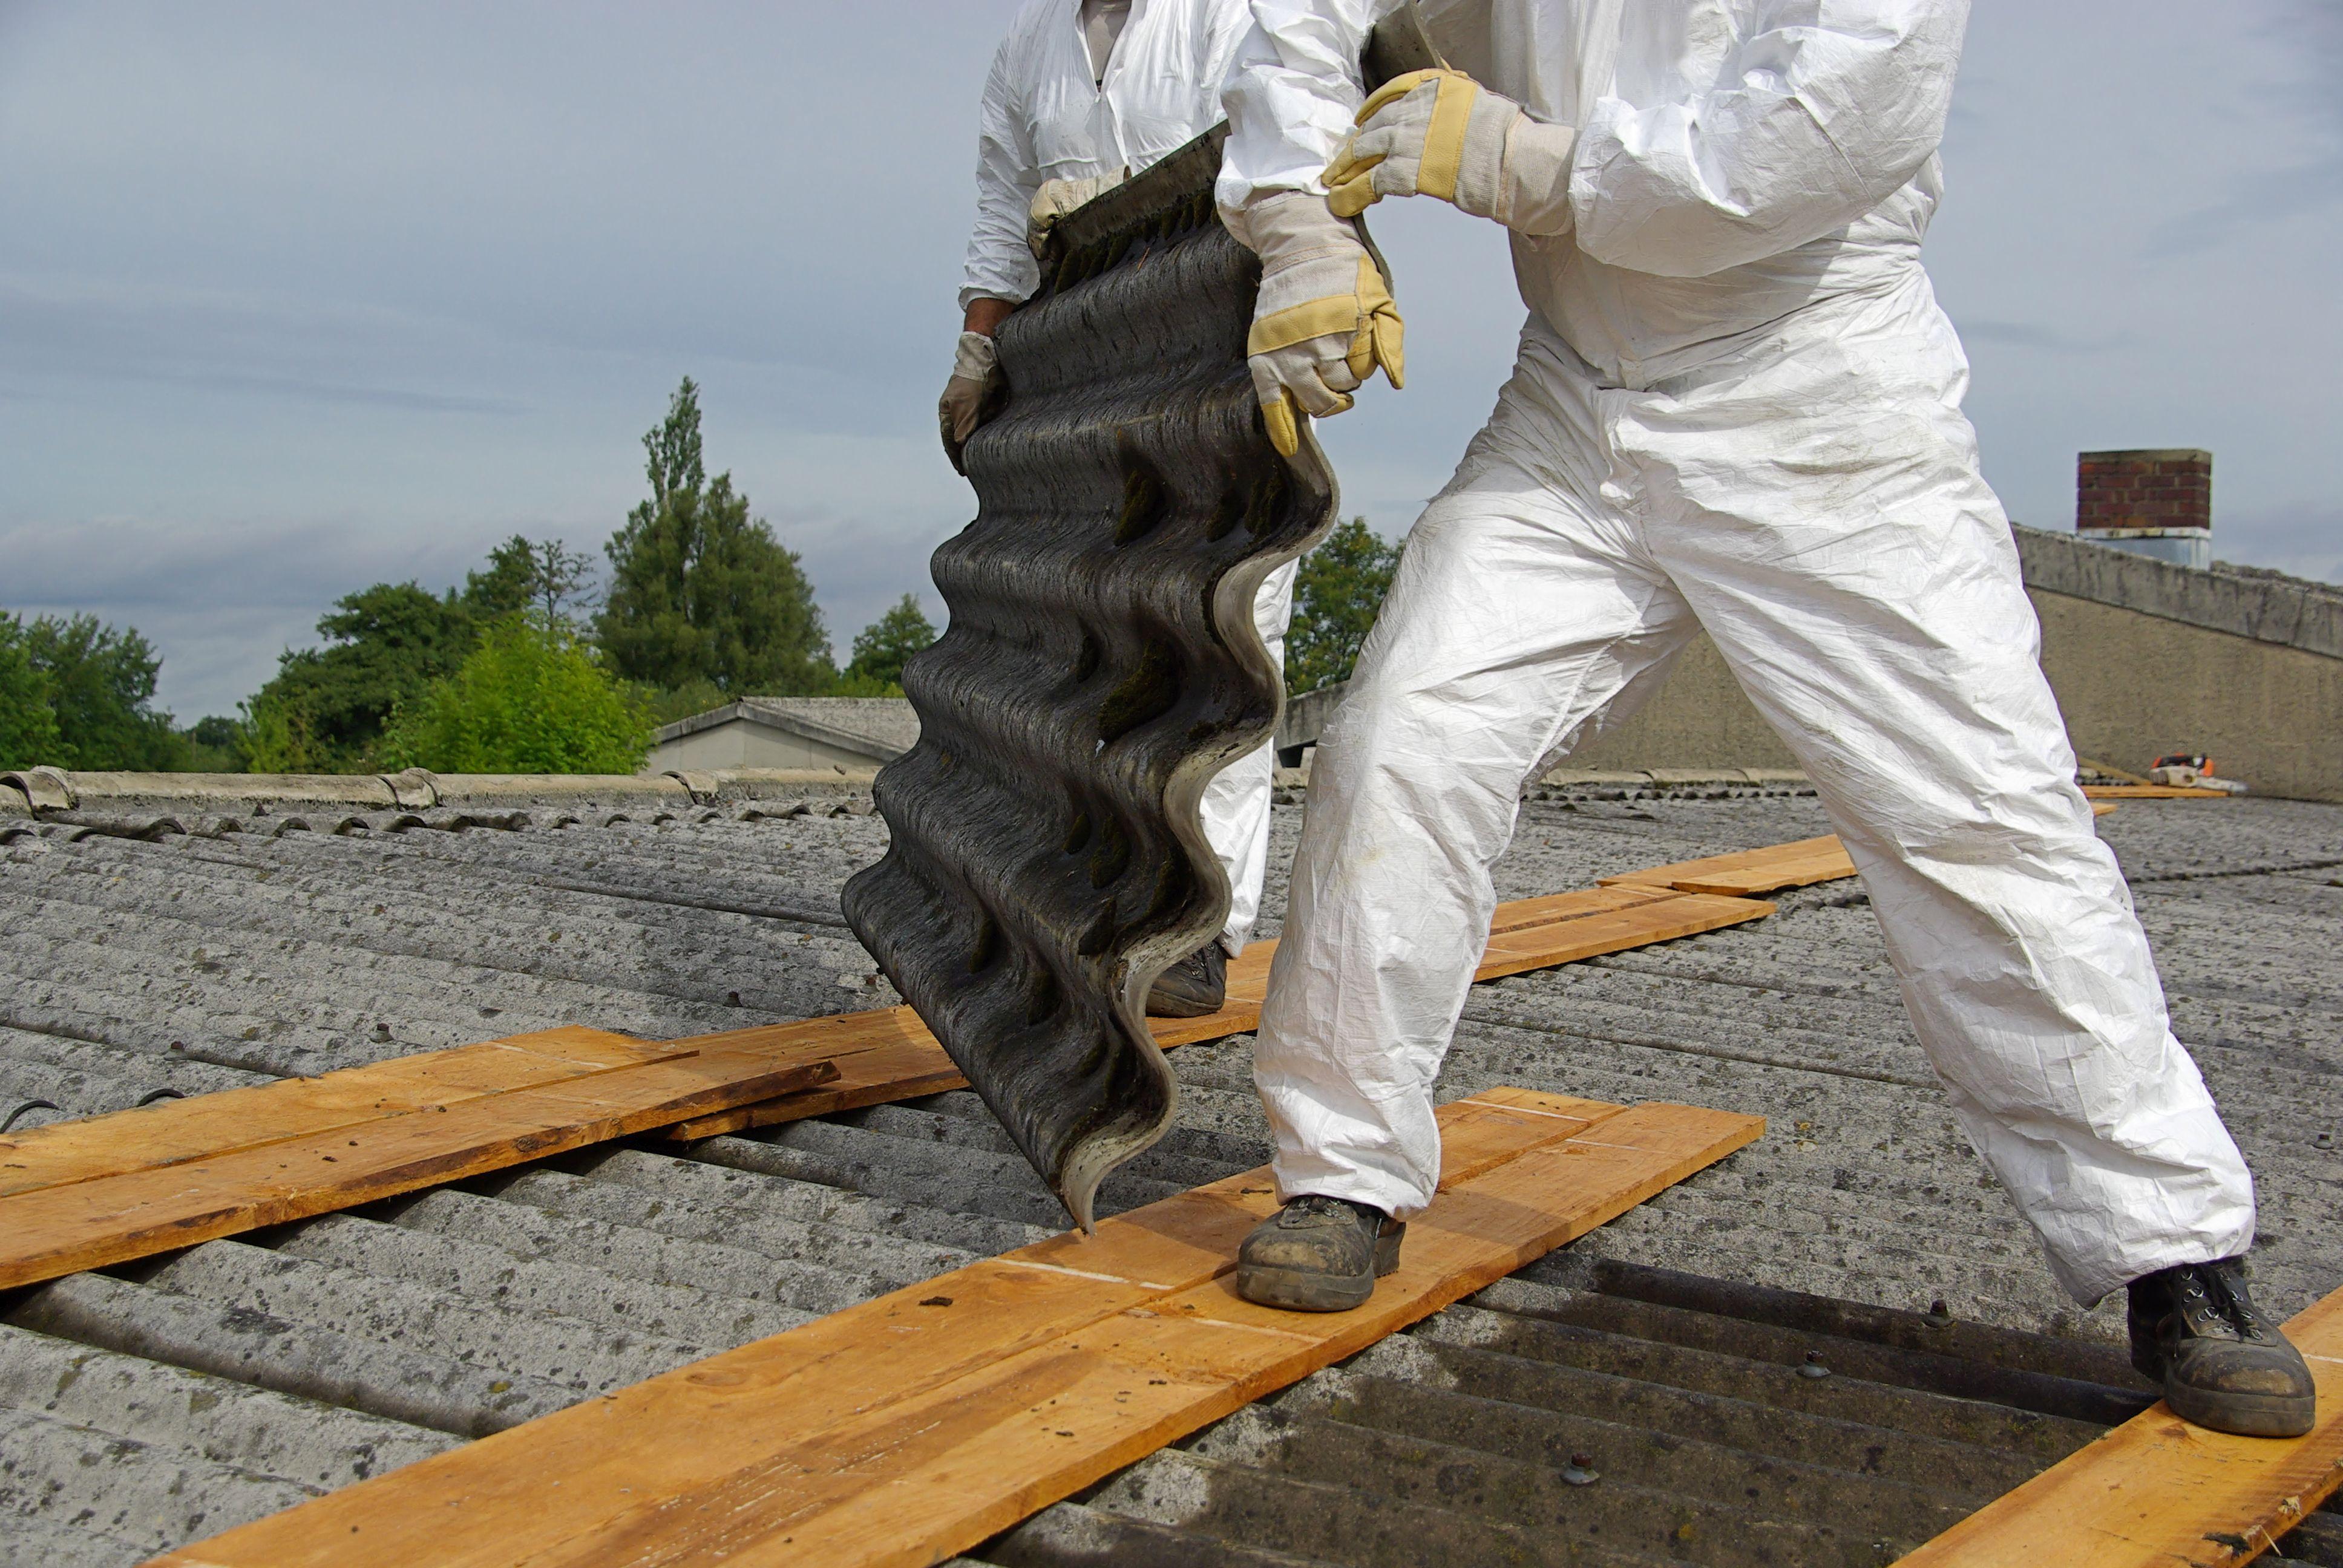 Prächtig Asbest auf dem Dach - das sollten Sie wissen @IL_13